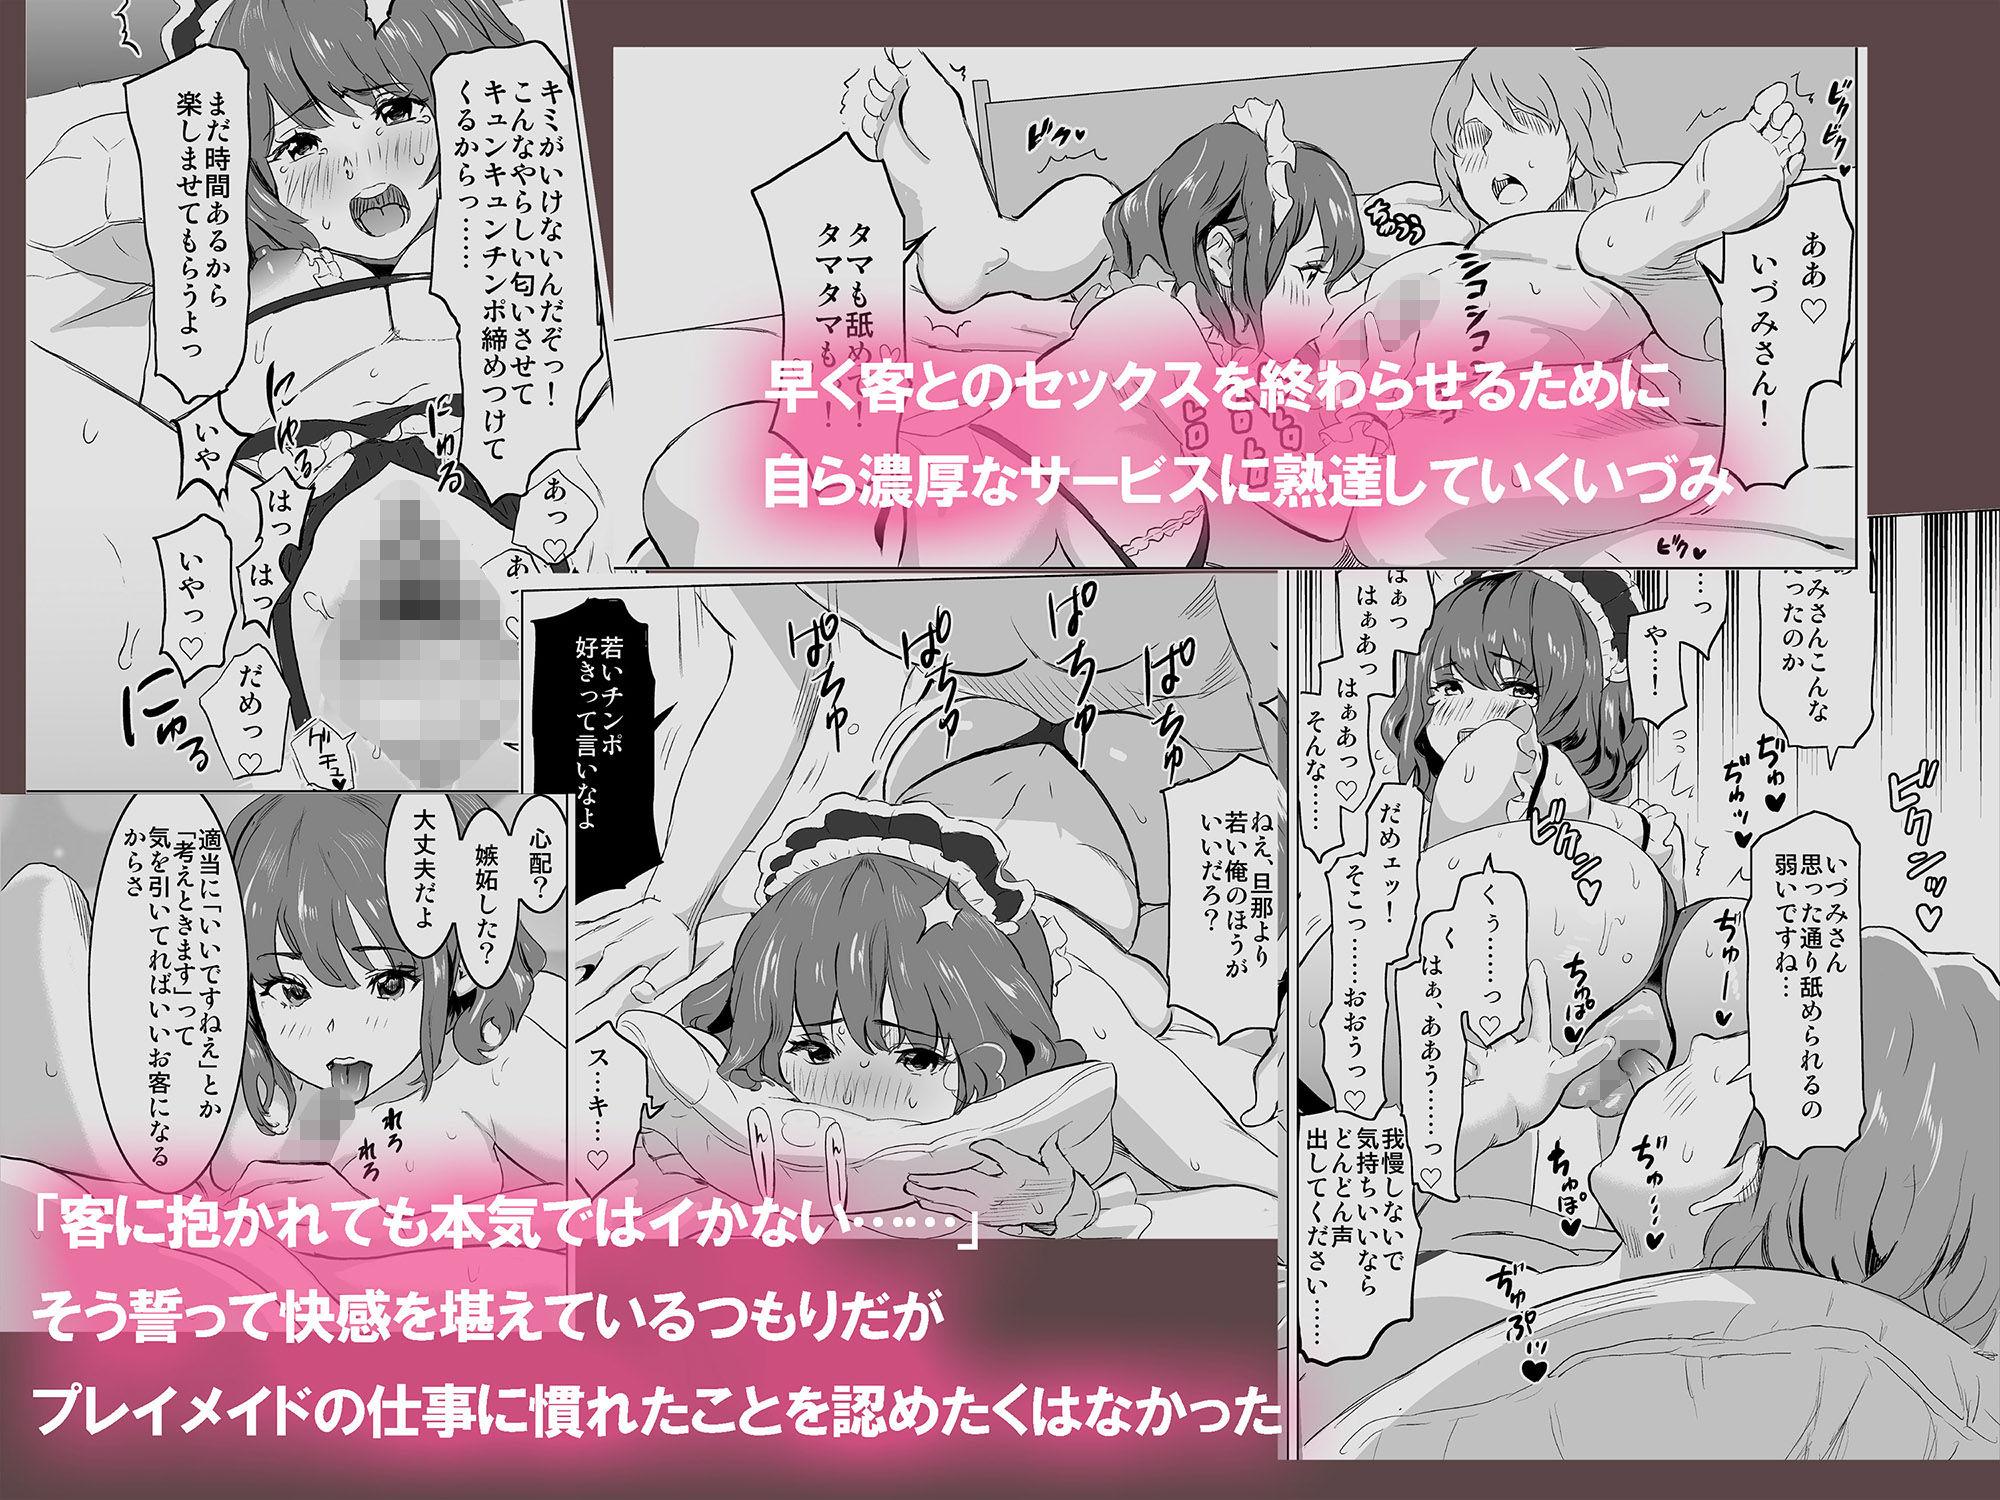 娼婦になった妻が絶頂ベロキス生中出しされた日 ~その1・入店編~ (メイド娼館の日常シリーズ)